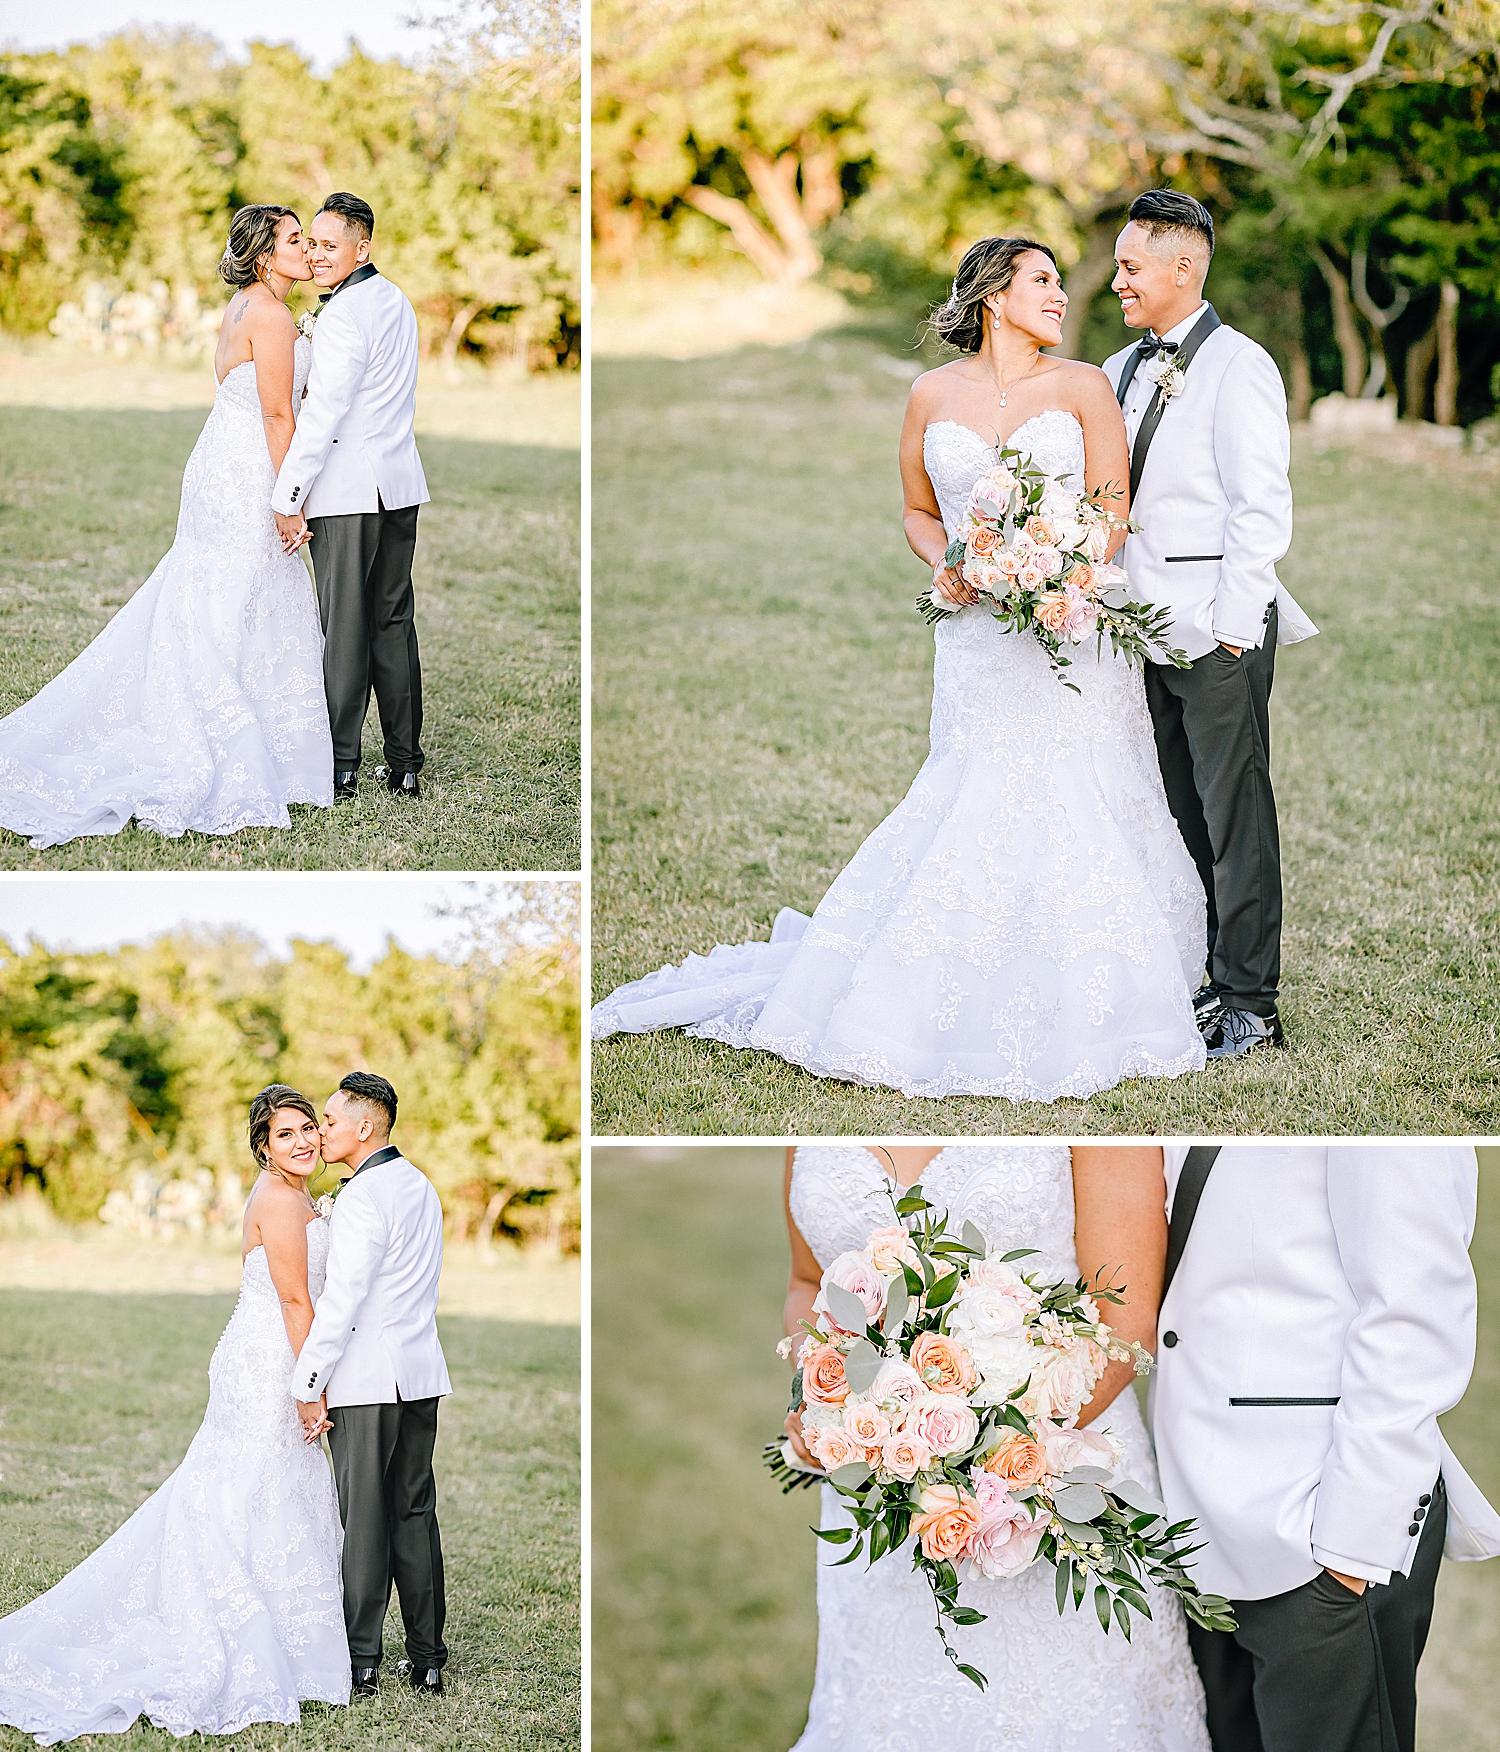 Carly-Barton-Photography-The-Villa-at-Cielo-Vista-Blush-Gold-White-Wedding-Photos_0145.jpg